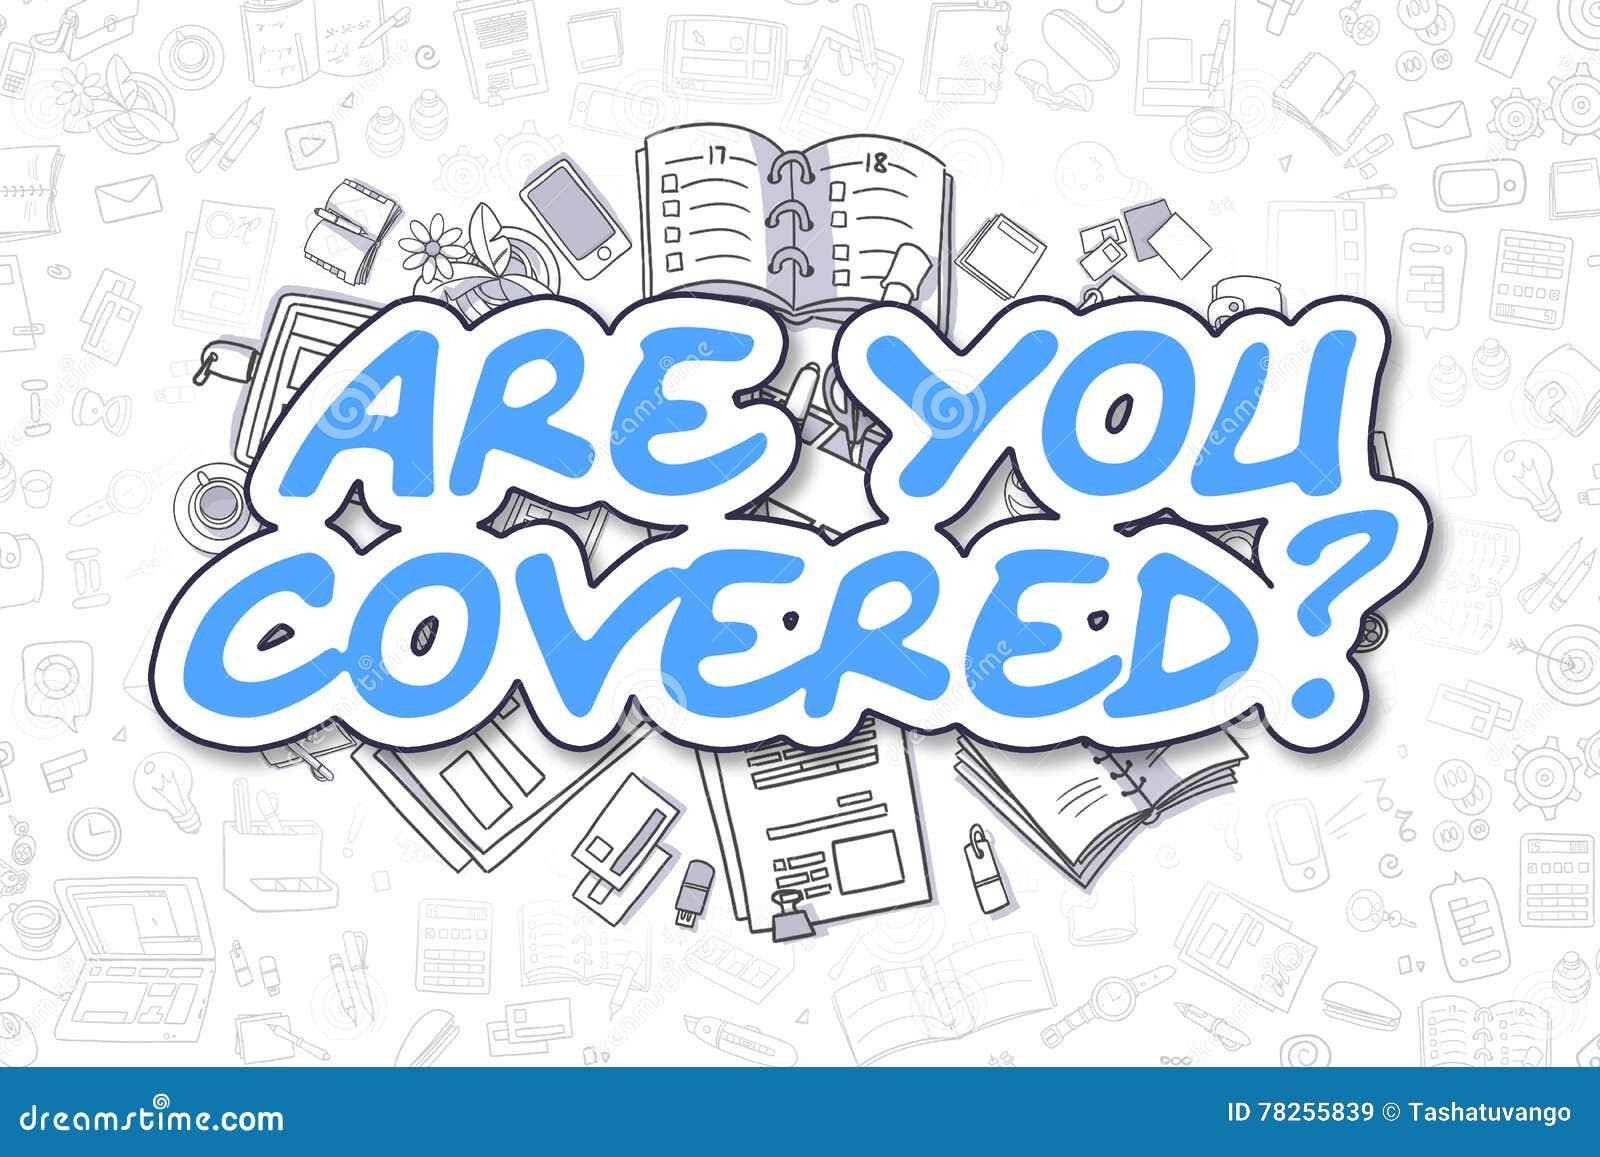 Είστε που καλύπτεστε - μπλε κείμενο Doodle χρυσή ιδιοκτησία βασικών πλήκτρων επιχειρησιακής έννοιας που φθάνει στον ουρανό